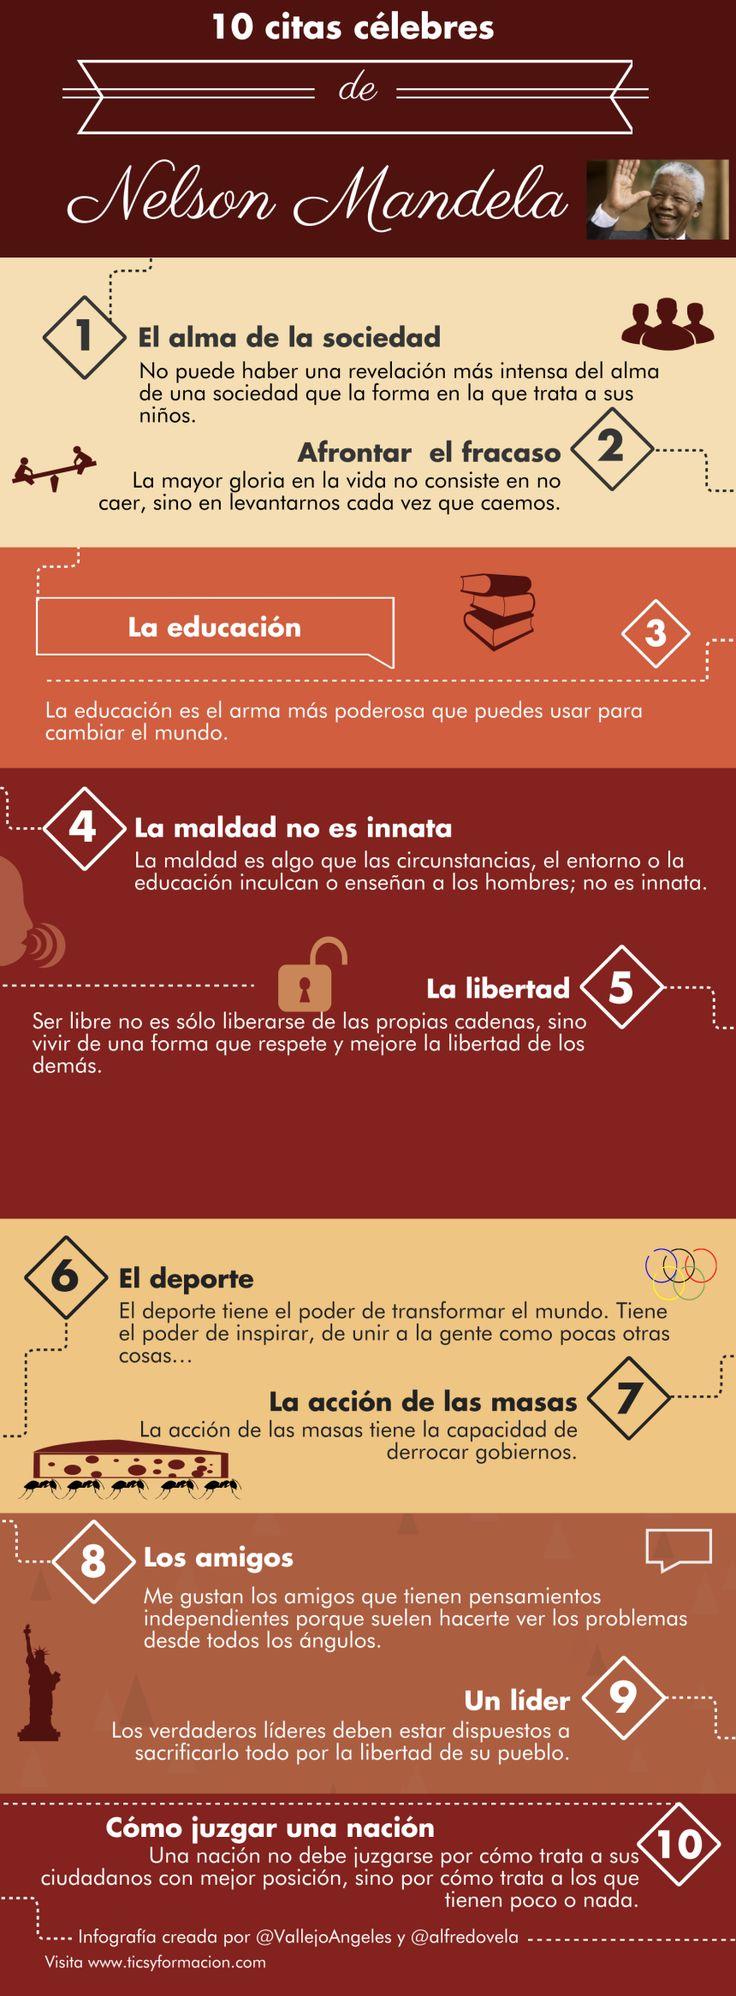 10 citas célebres de Nelson Mandela  Ideas Desarrollo Personal para www.masymejor.com